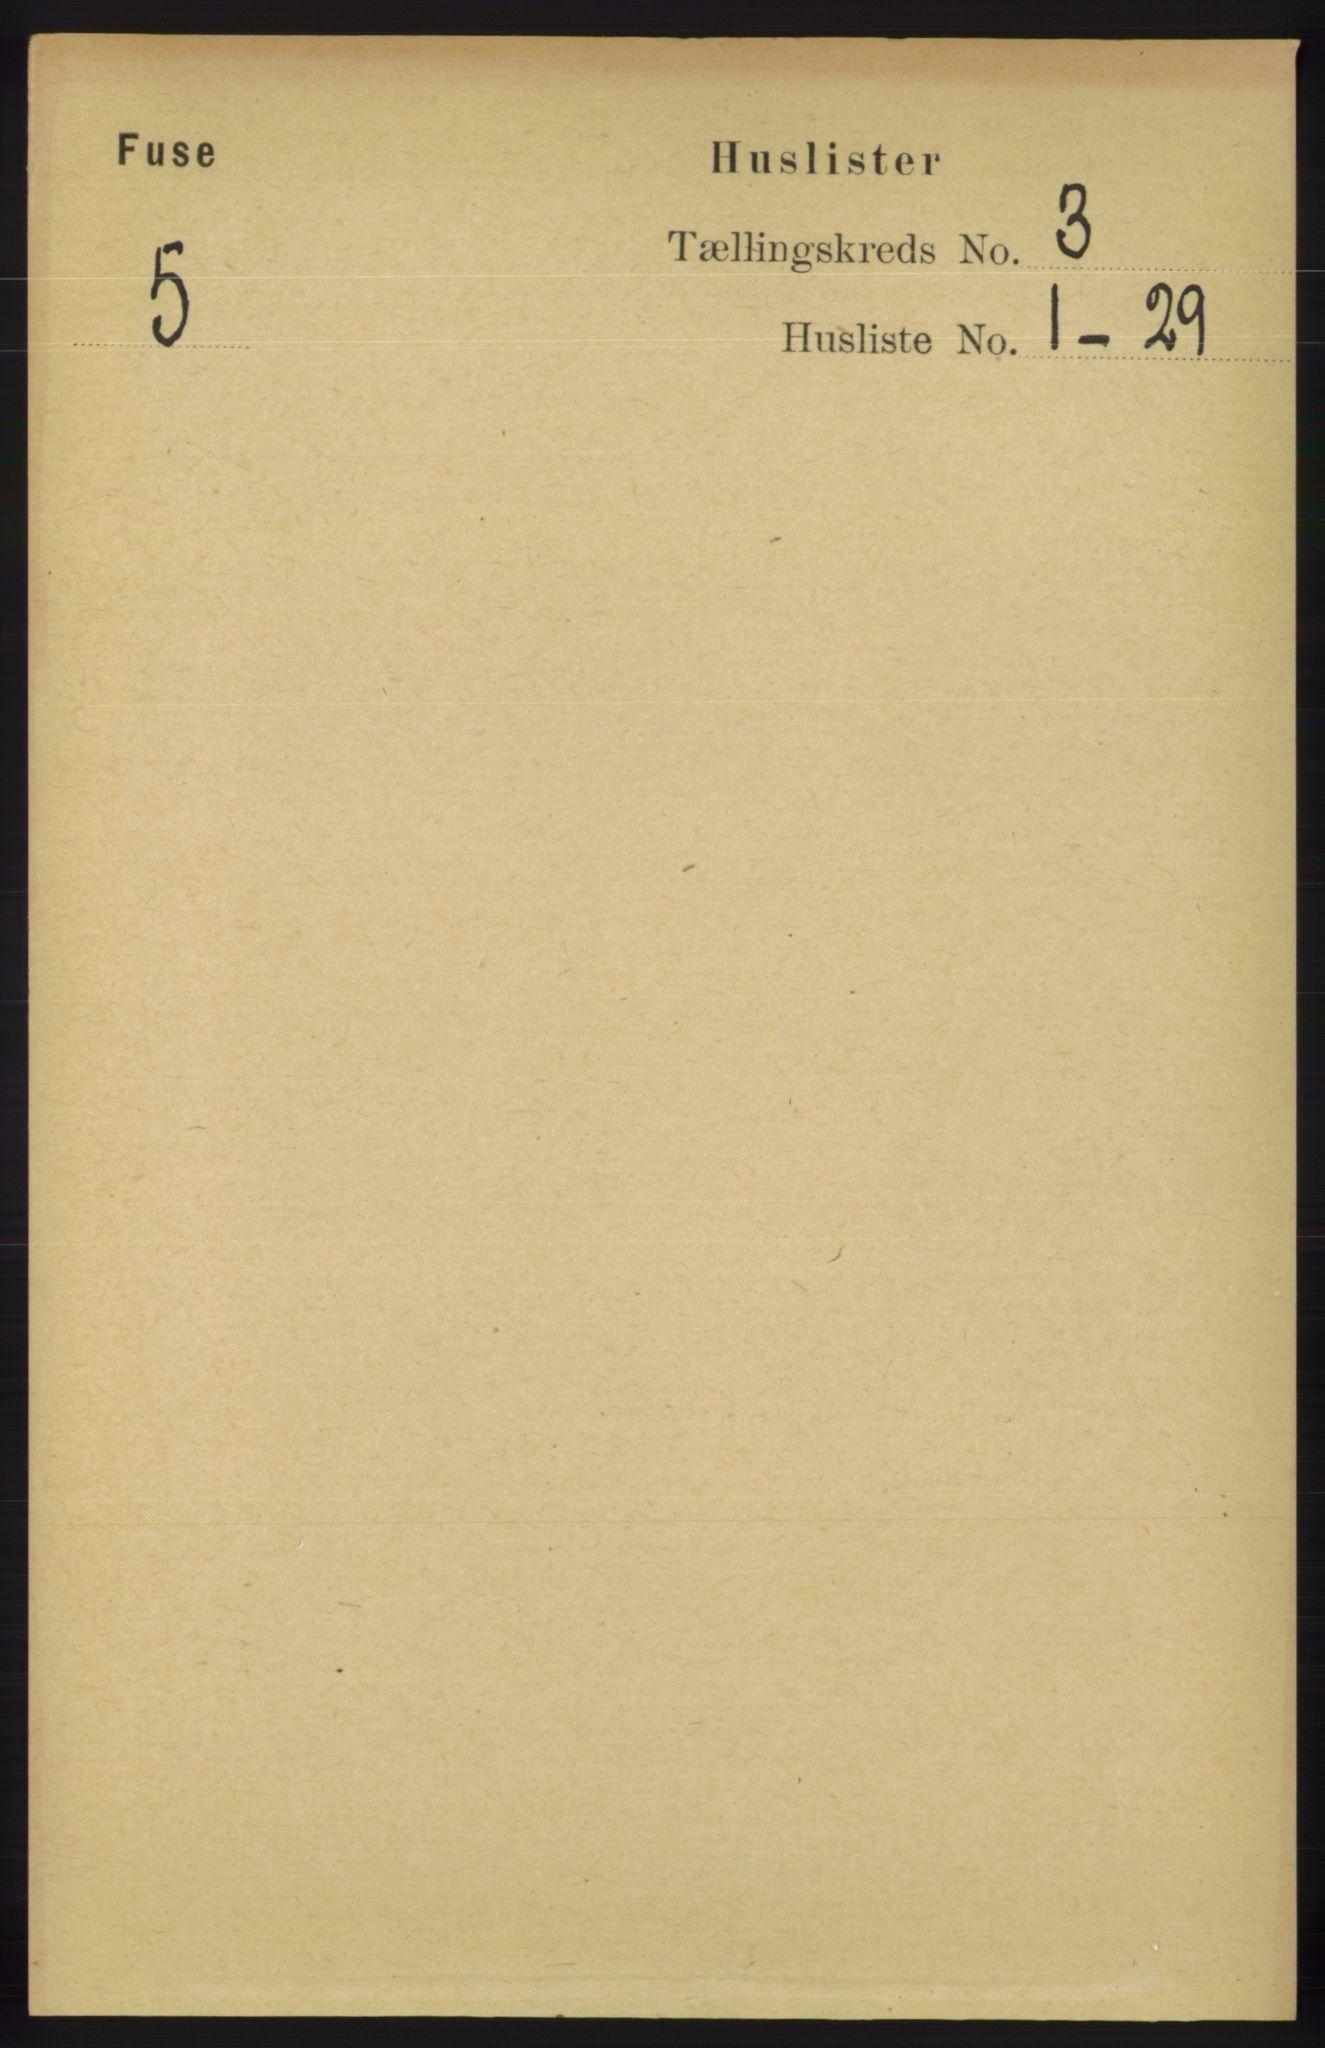 RA, Folketelling 1891 for 1241 Fusa herred, 1891, s. 486